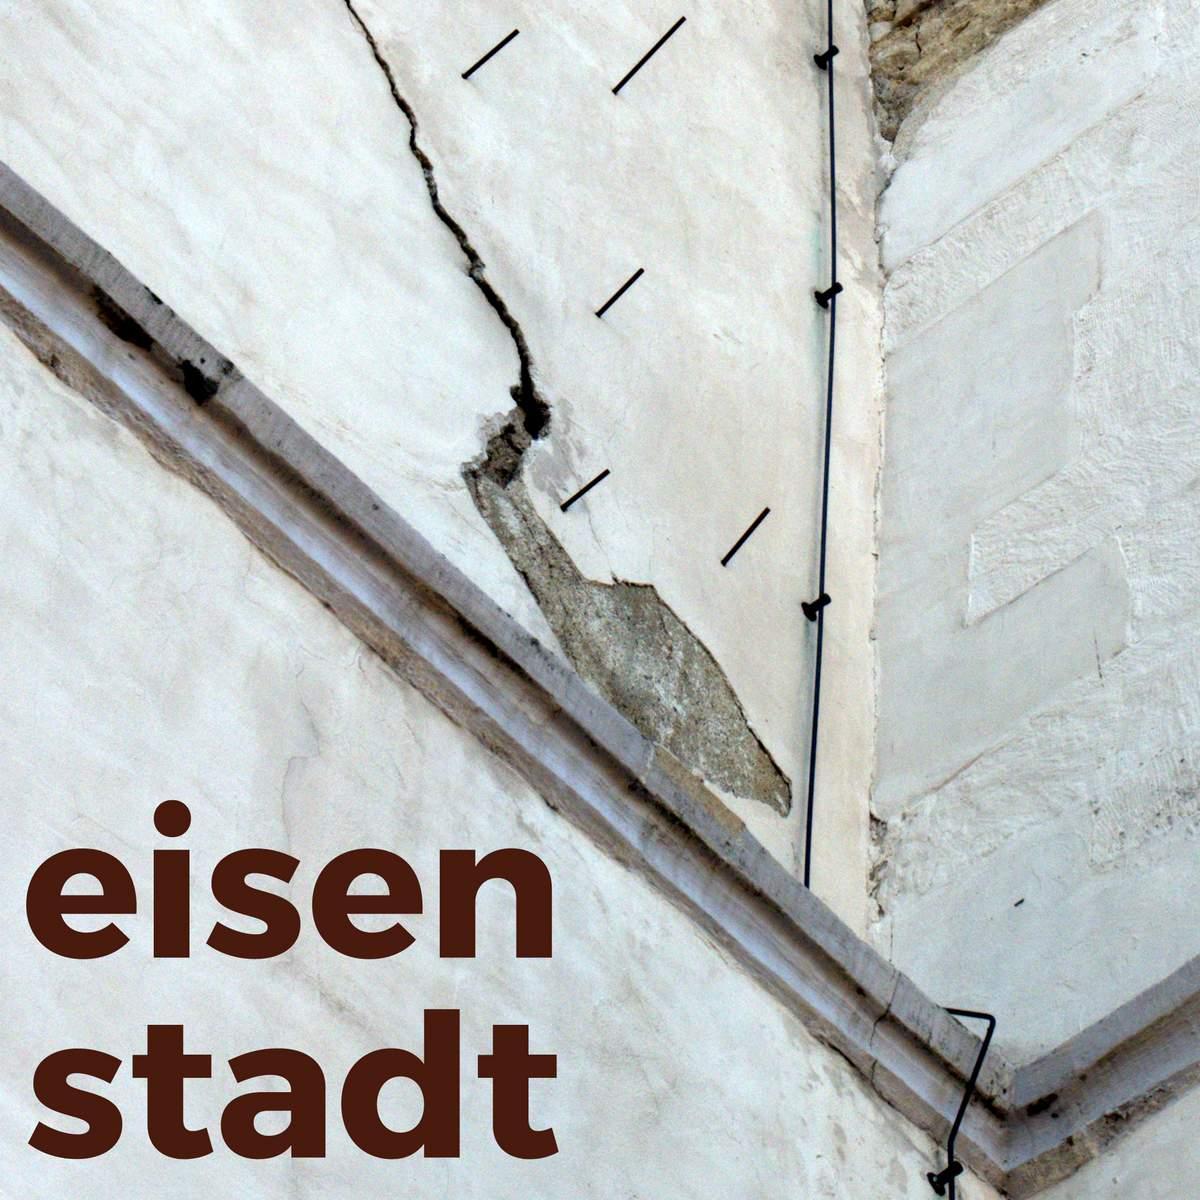 Eisenstädter Spaziergang – A Walk in Eisenstadt